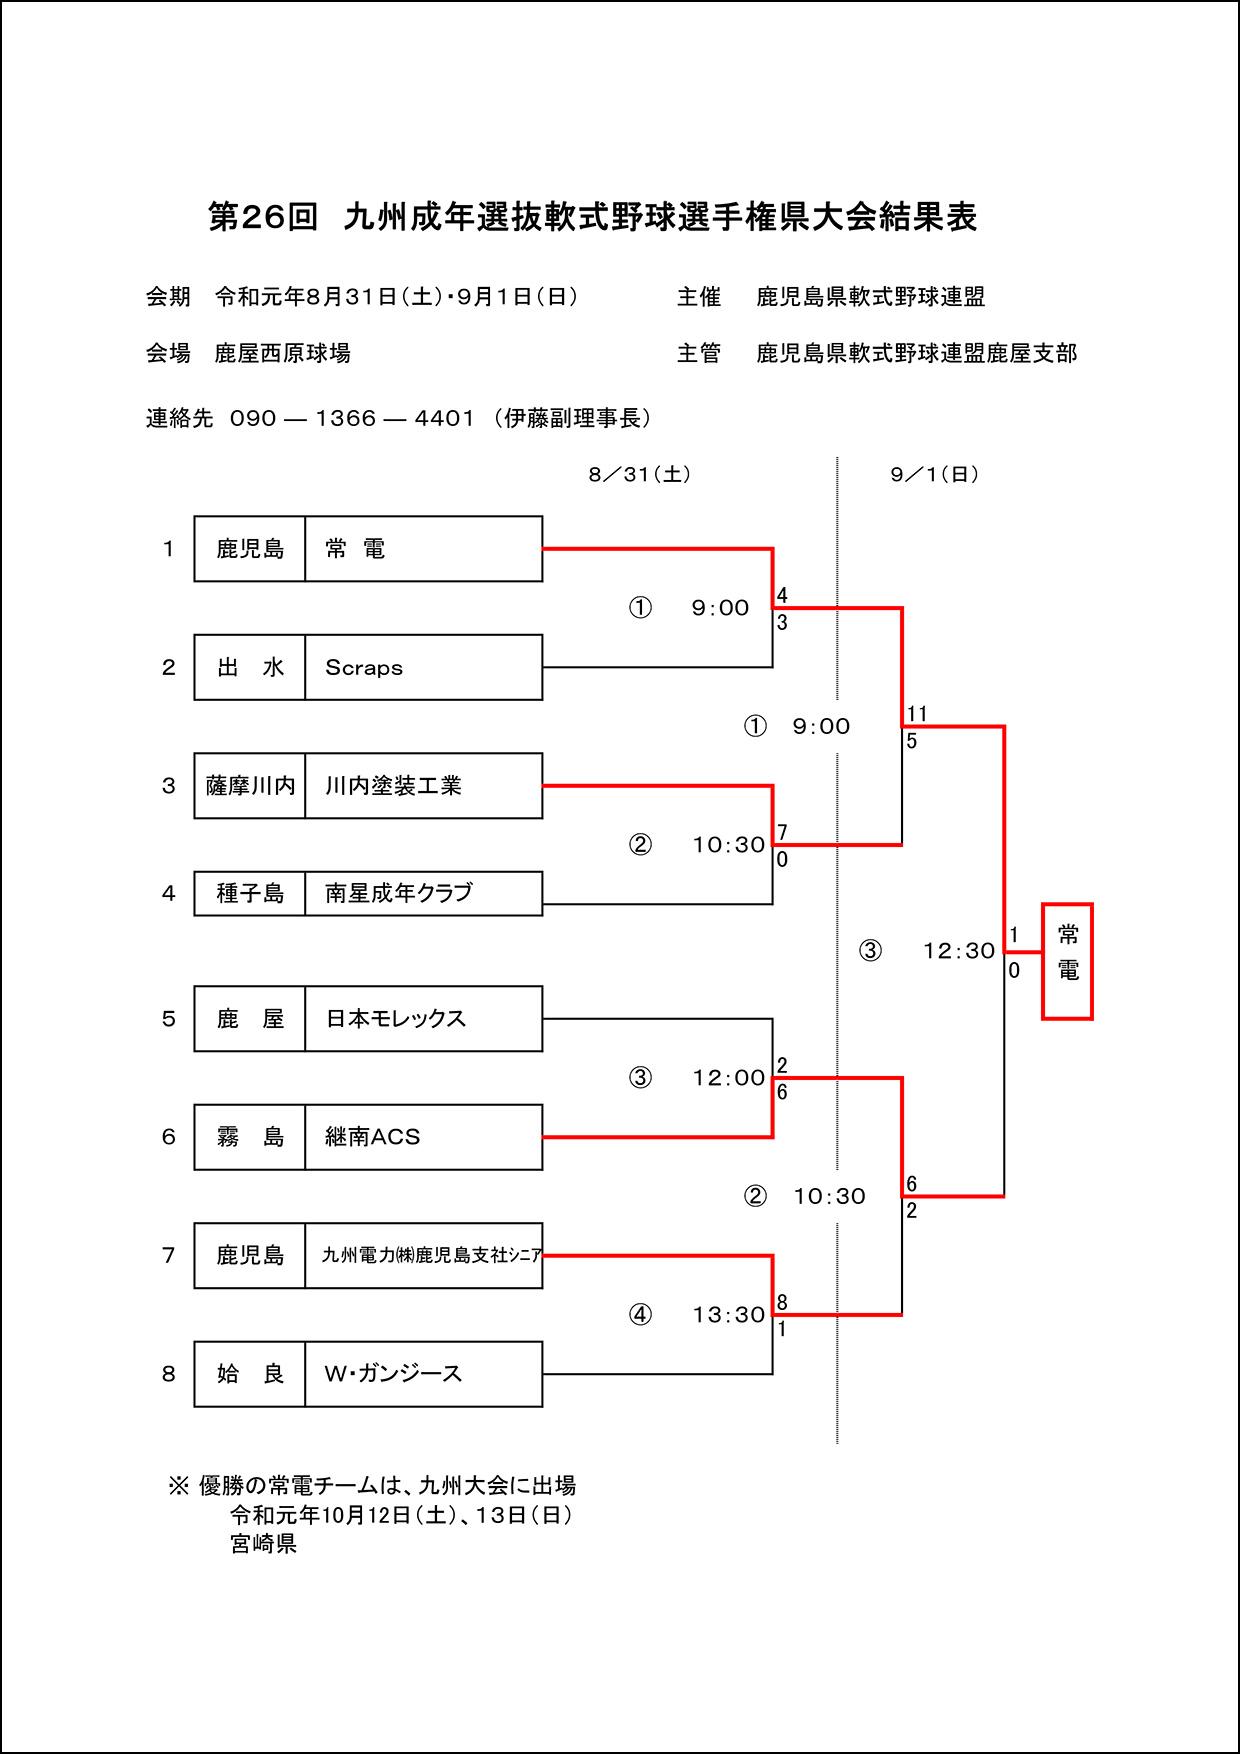 【結果】第26回九州成年選抜軟式野球選手権大会